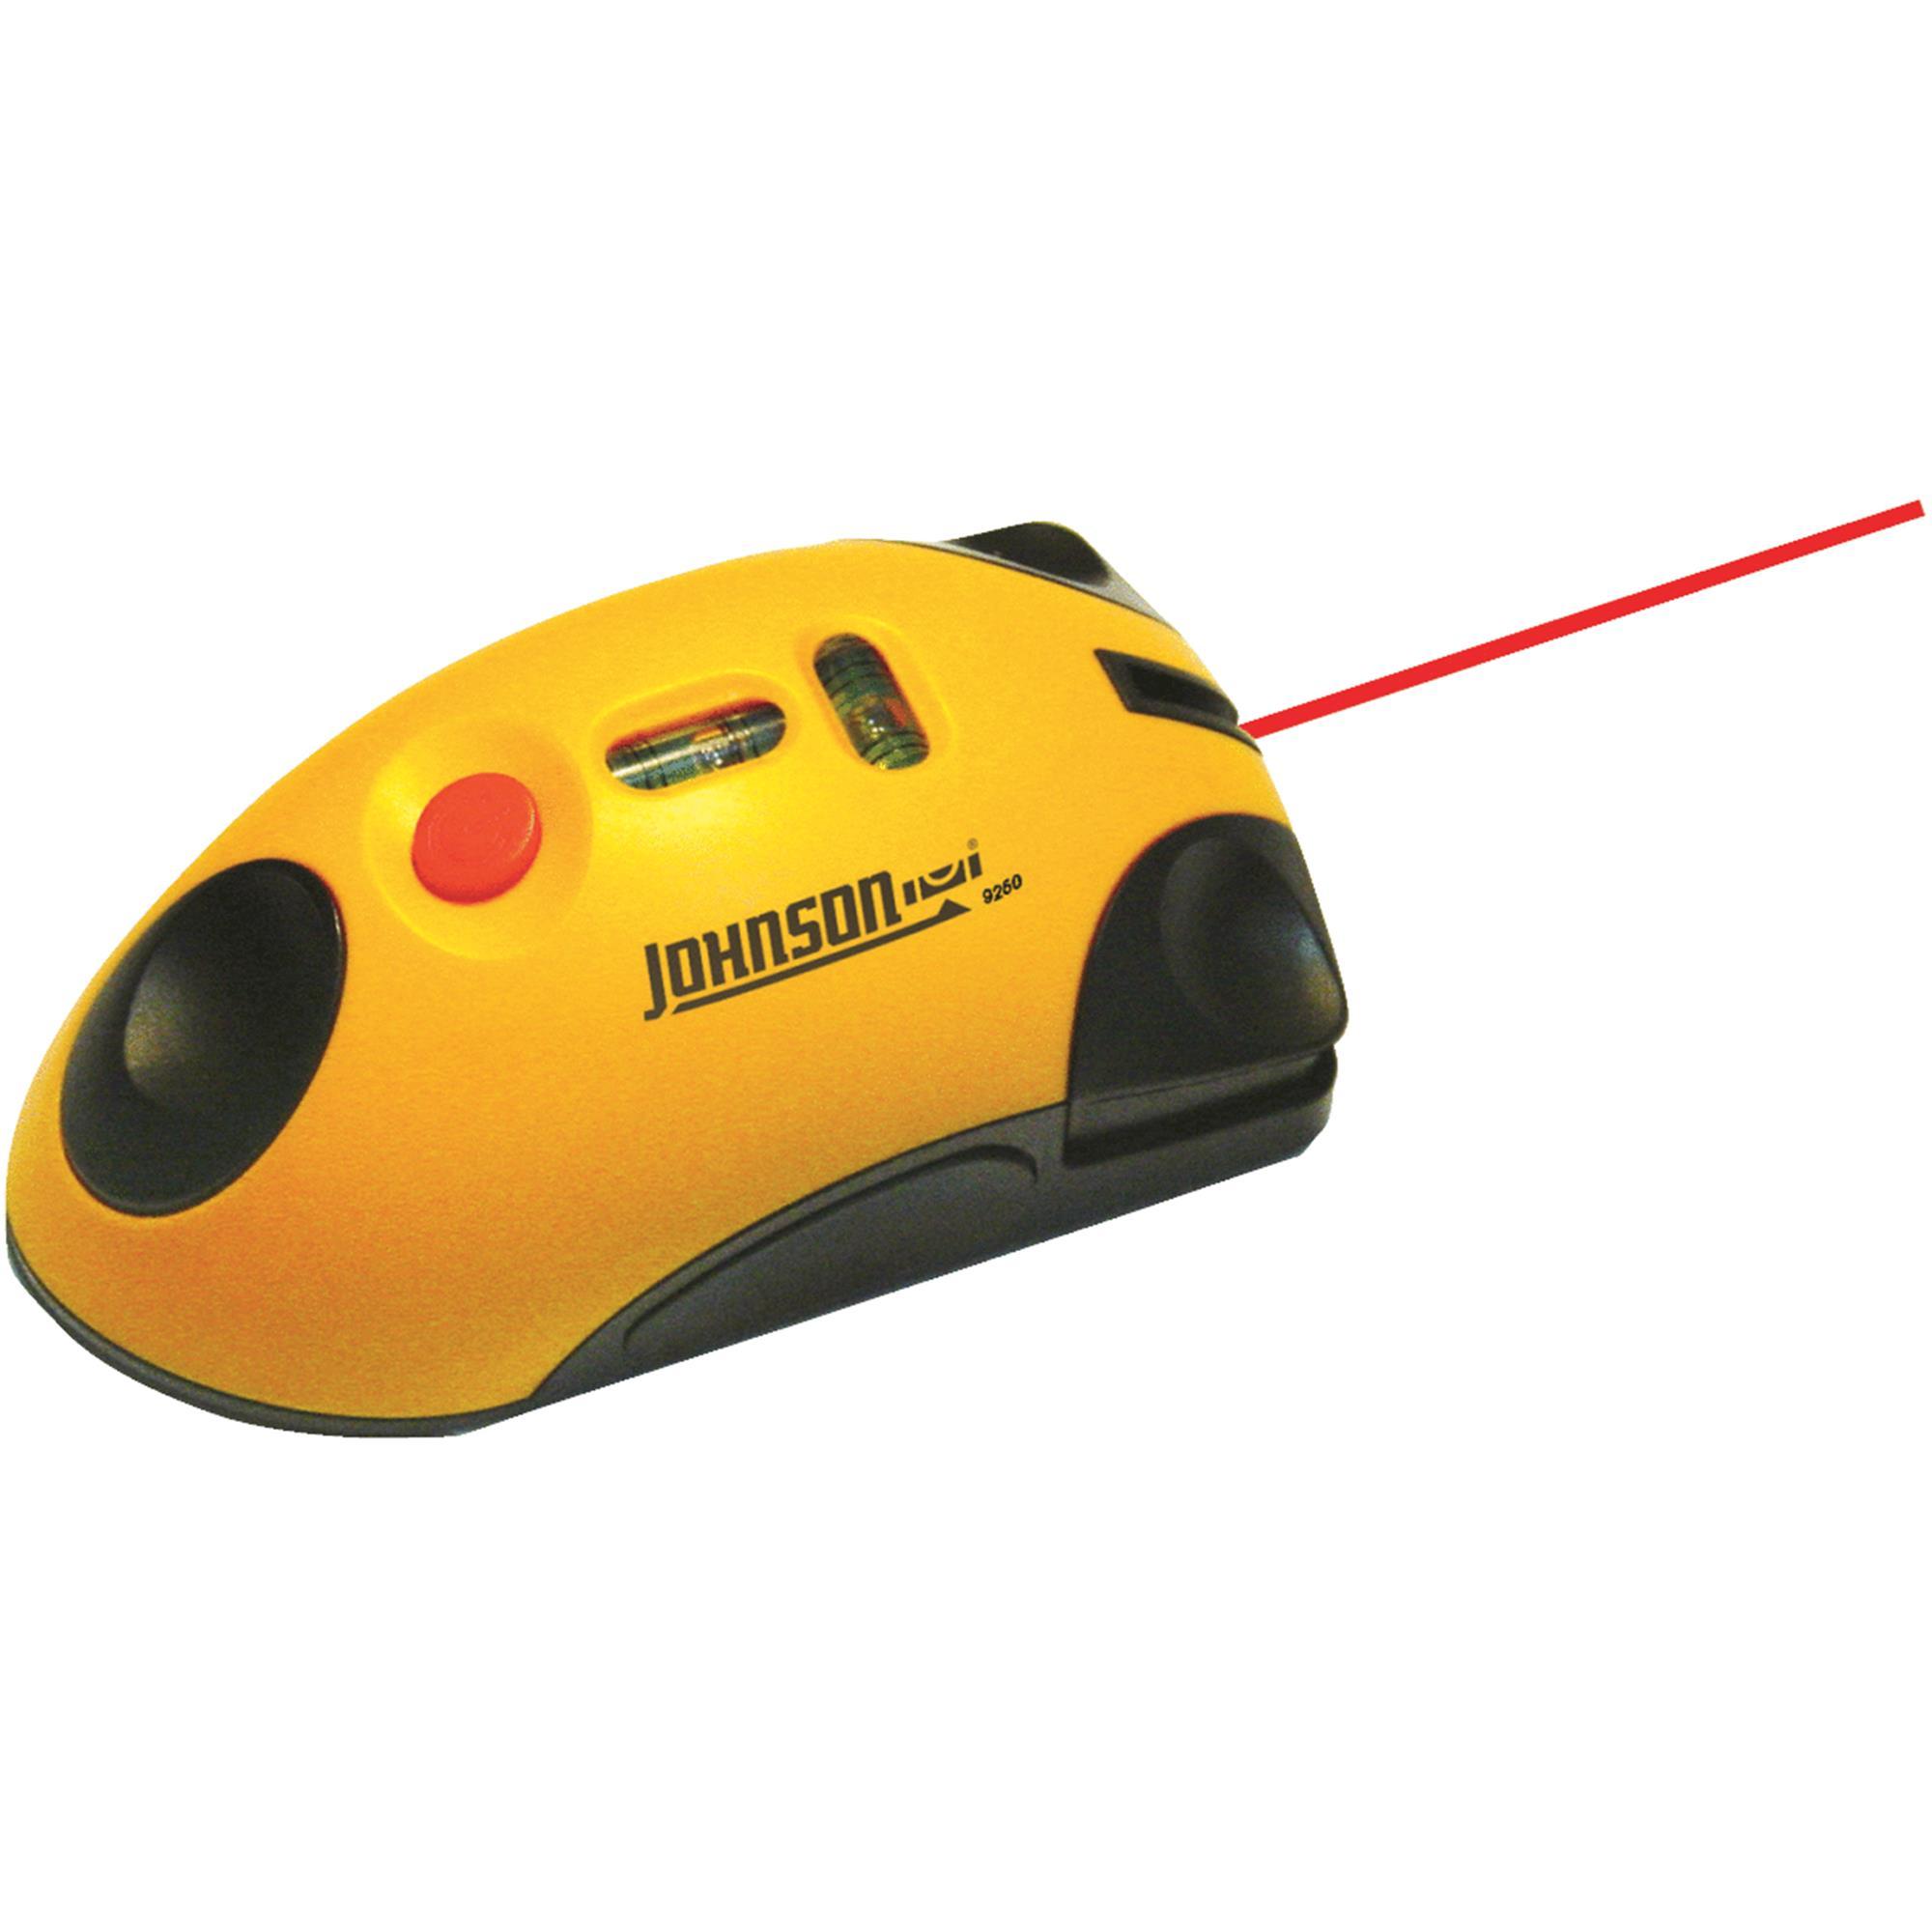 Johnson Level LaserMouse Laser Level